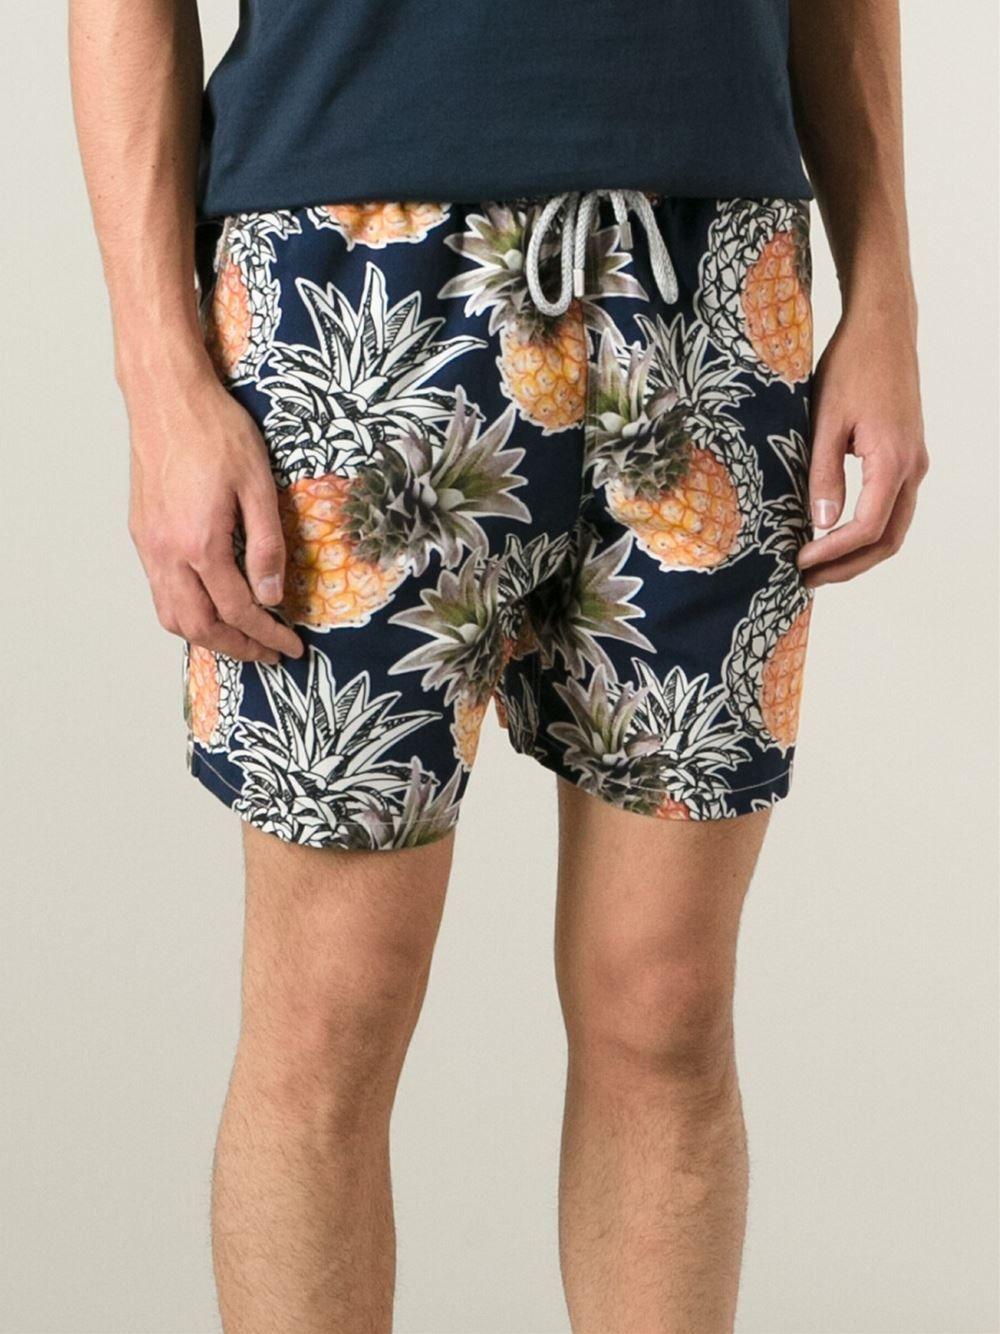 d4bd12228a Vilebrequin Pineapple Print Swim Shorts - Benesch - Farfetch.com ...